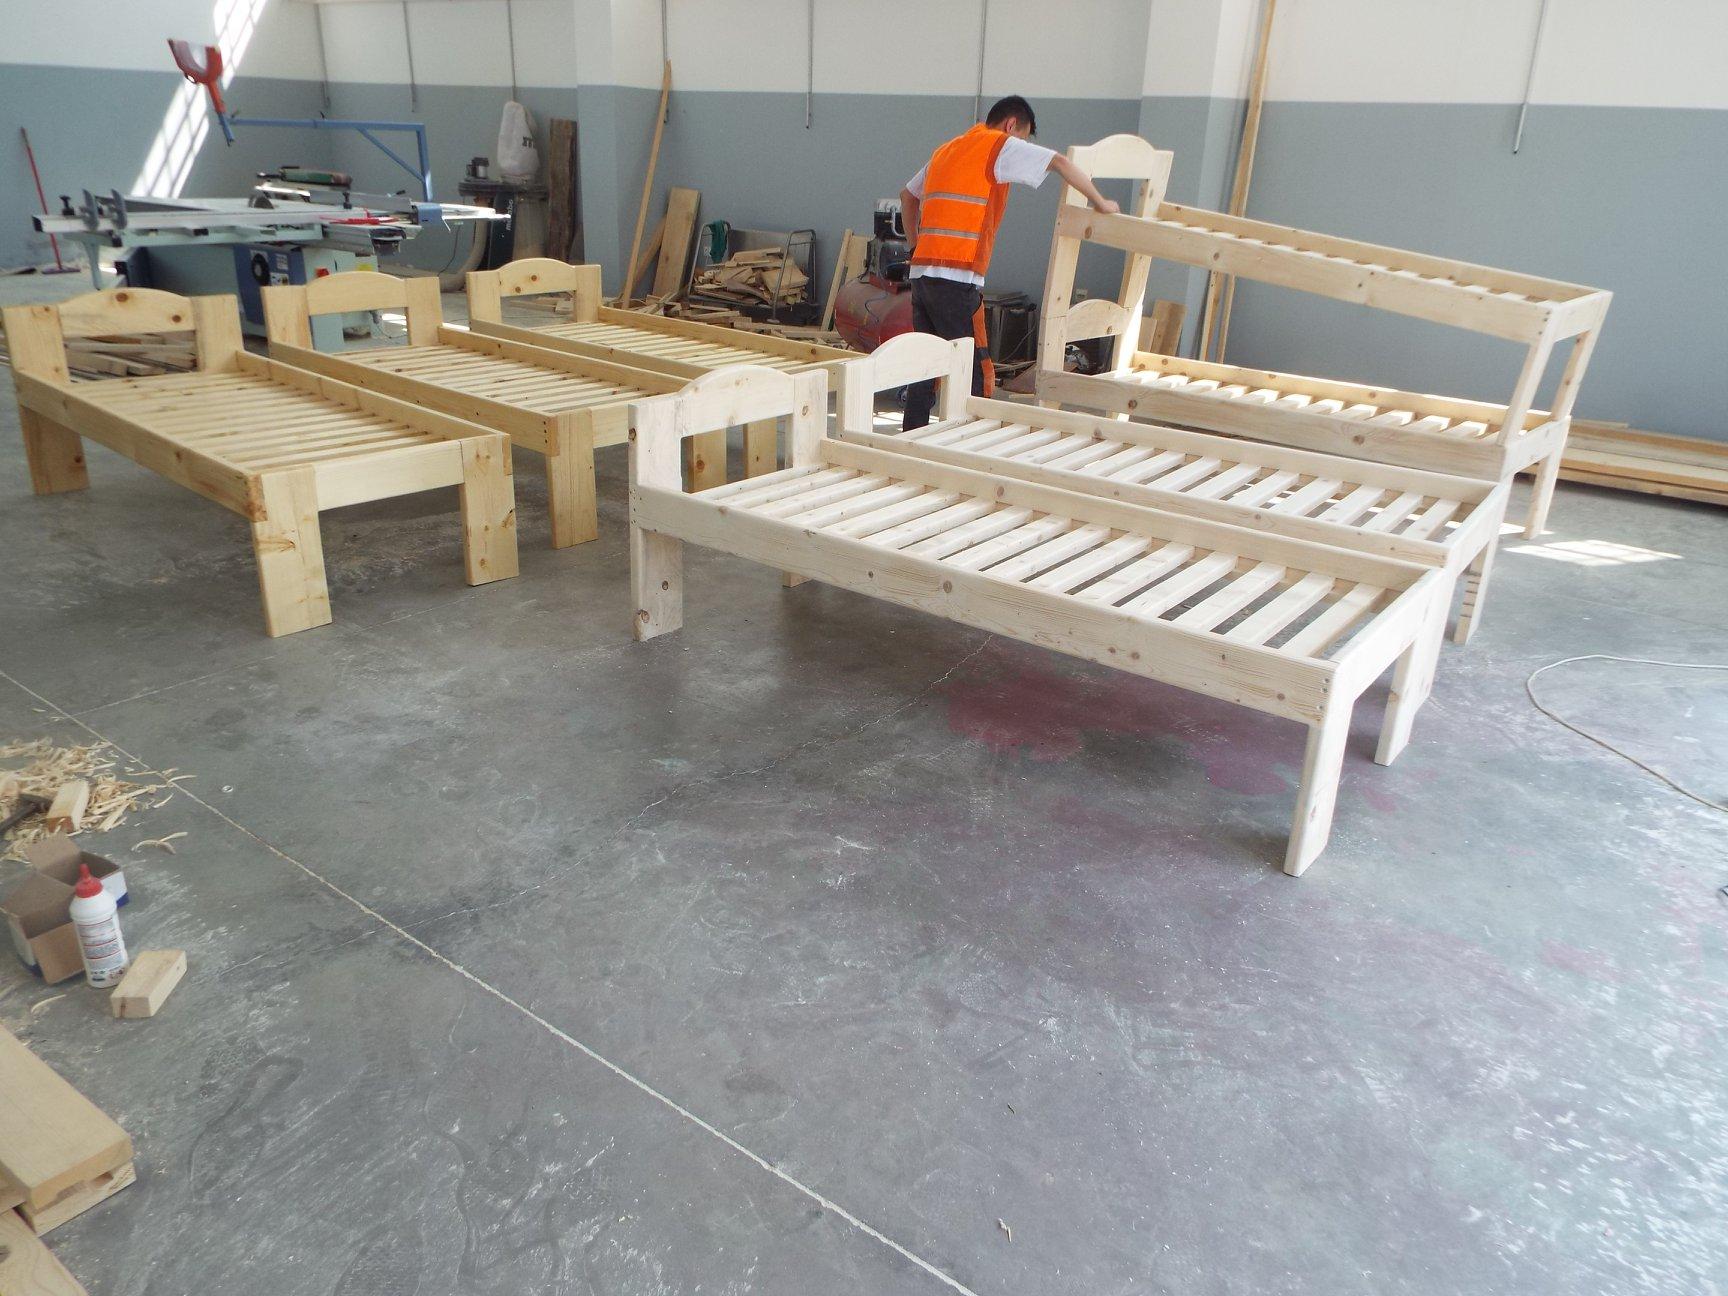 Të burgosurit e Burgut të Sigurisë së Lartë prodhojnë shtretër nga druri